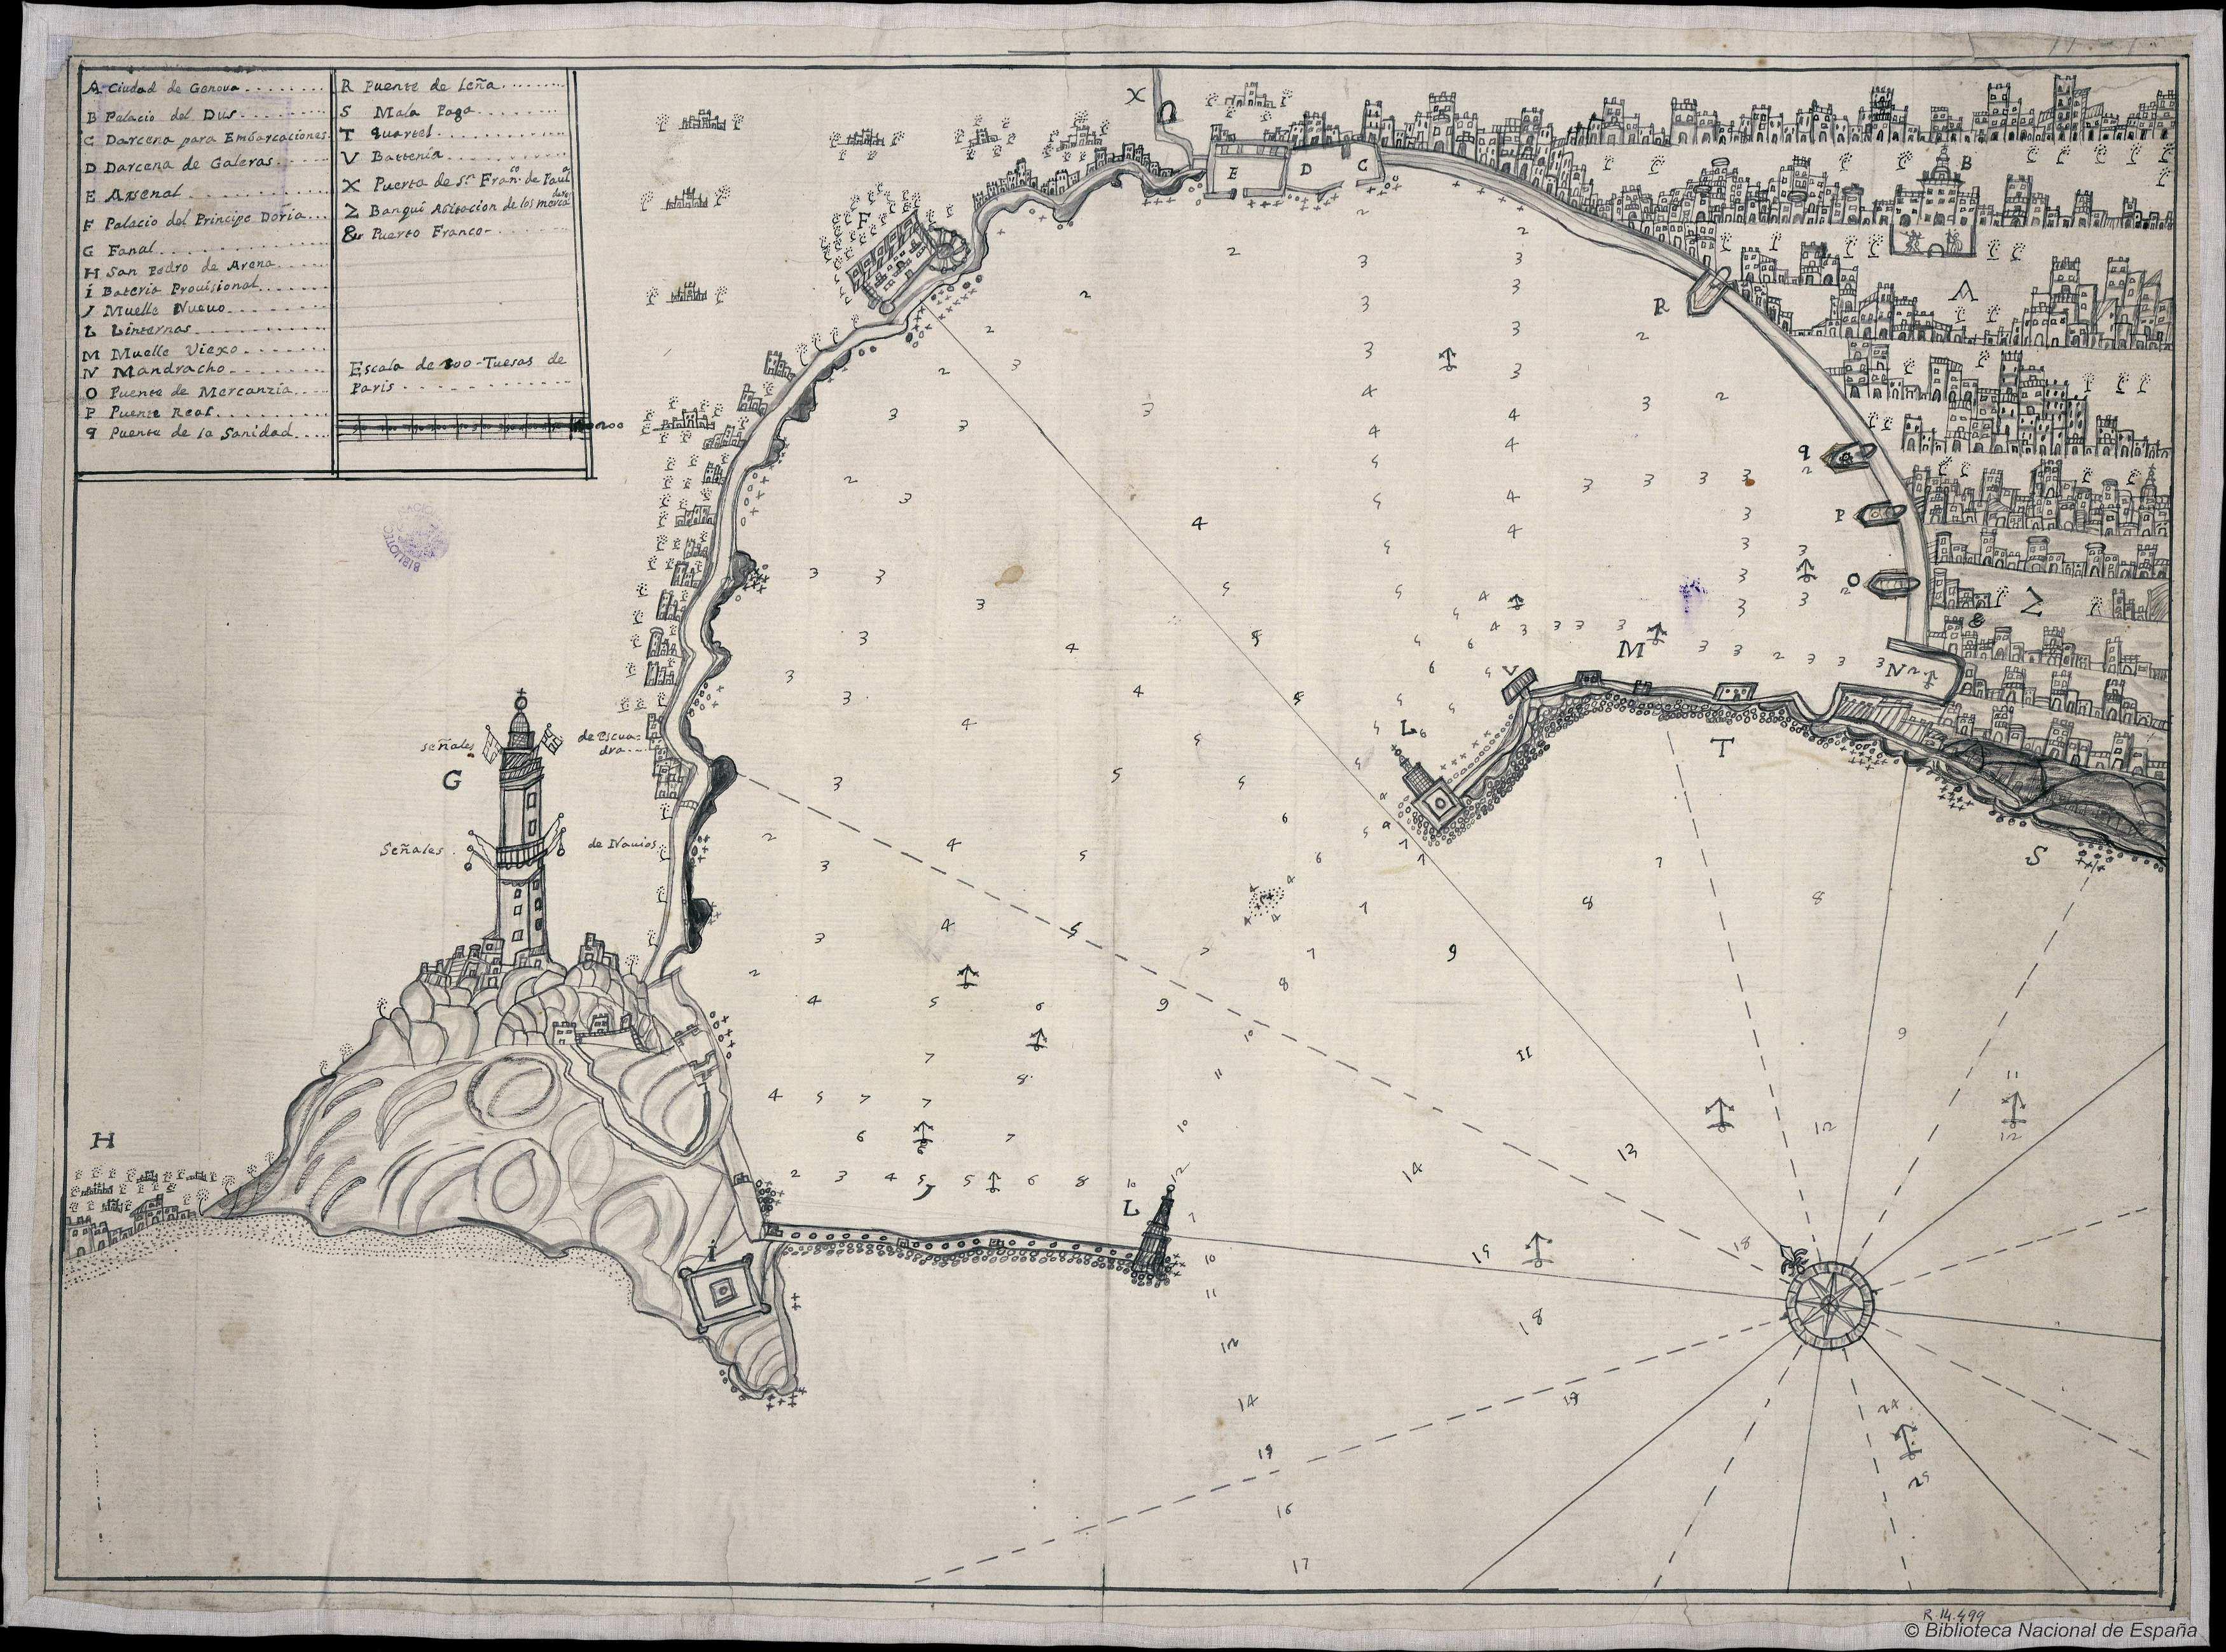 _Plano_del_puerto_y_ciudad_de_Génova_Material_cartográfico__1